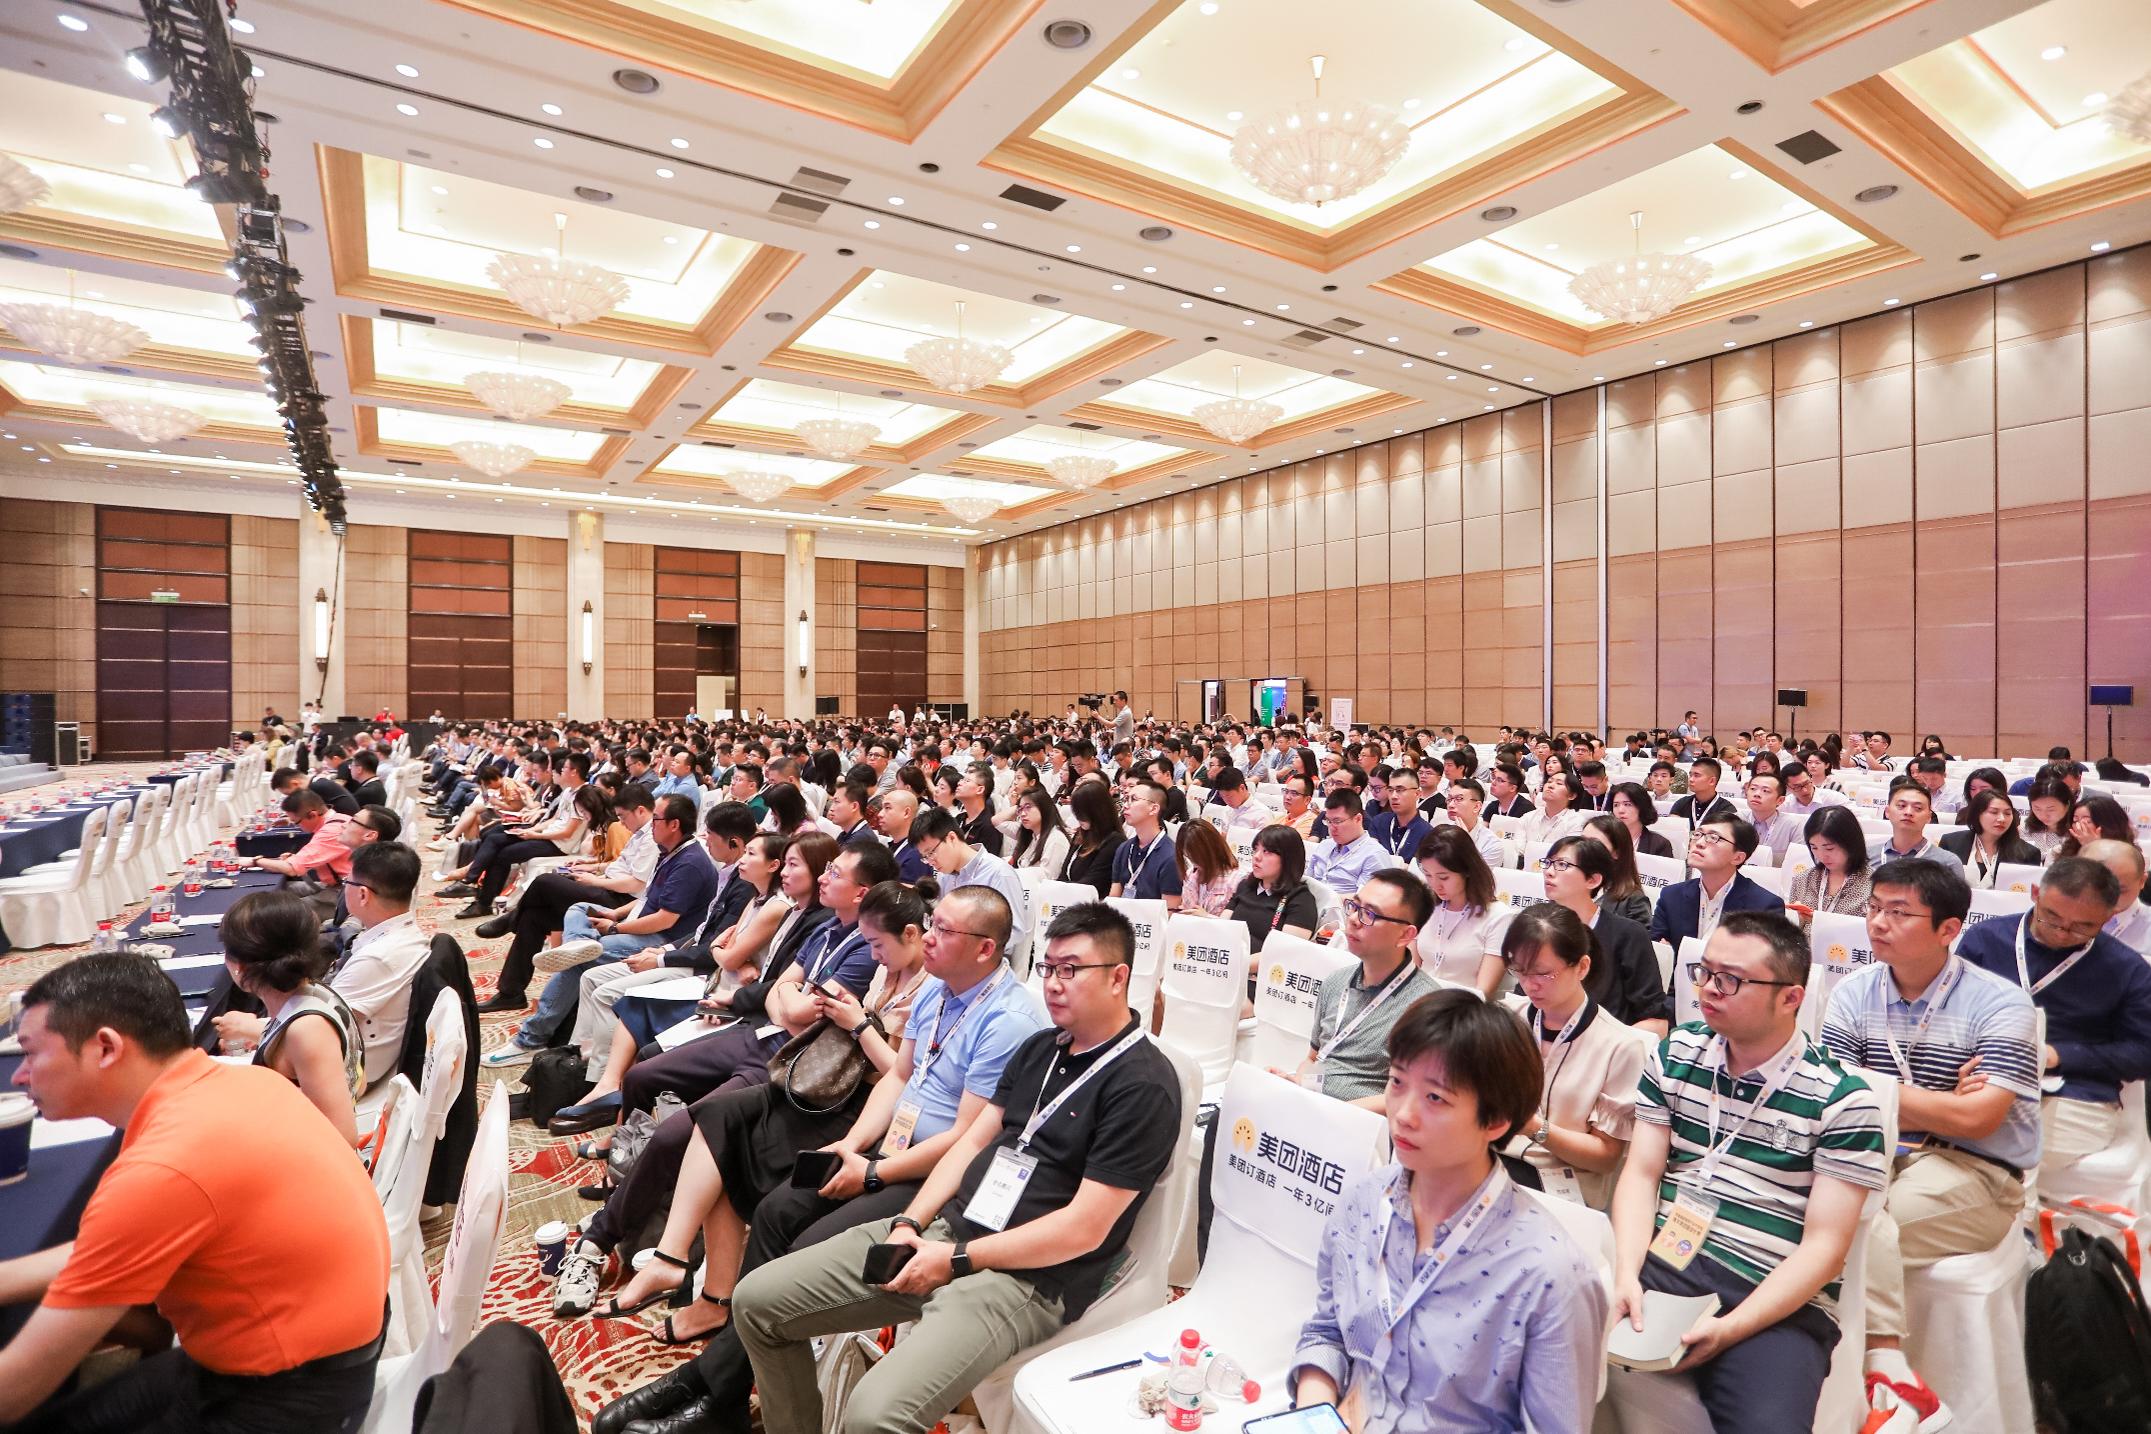 2021环球旅讯峰会 | 旅游行业年度盛会